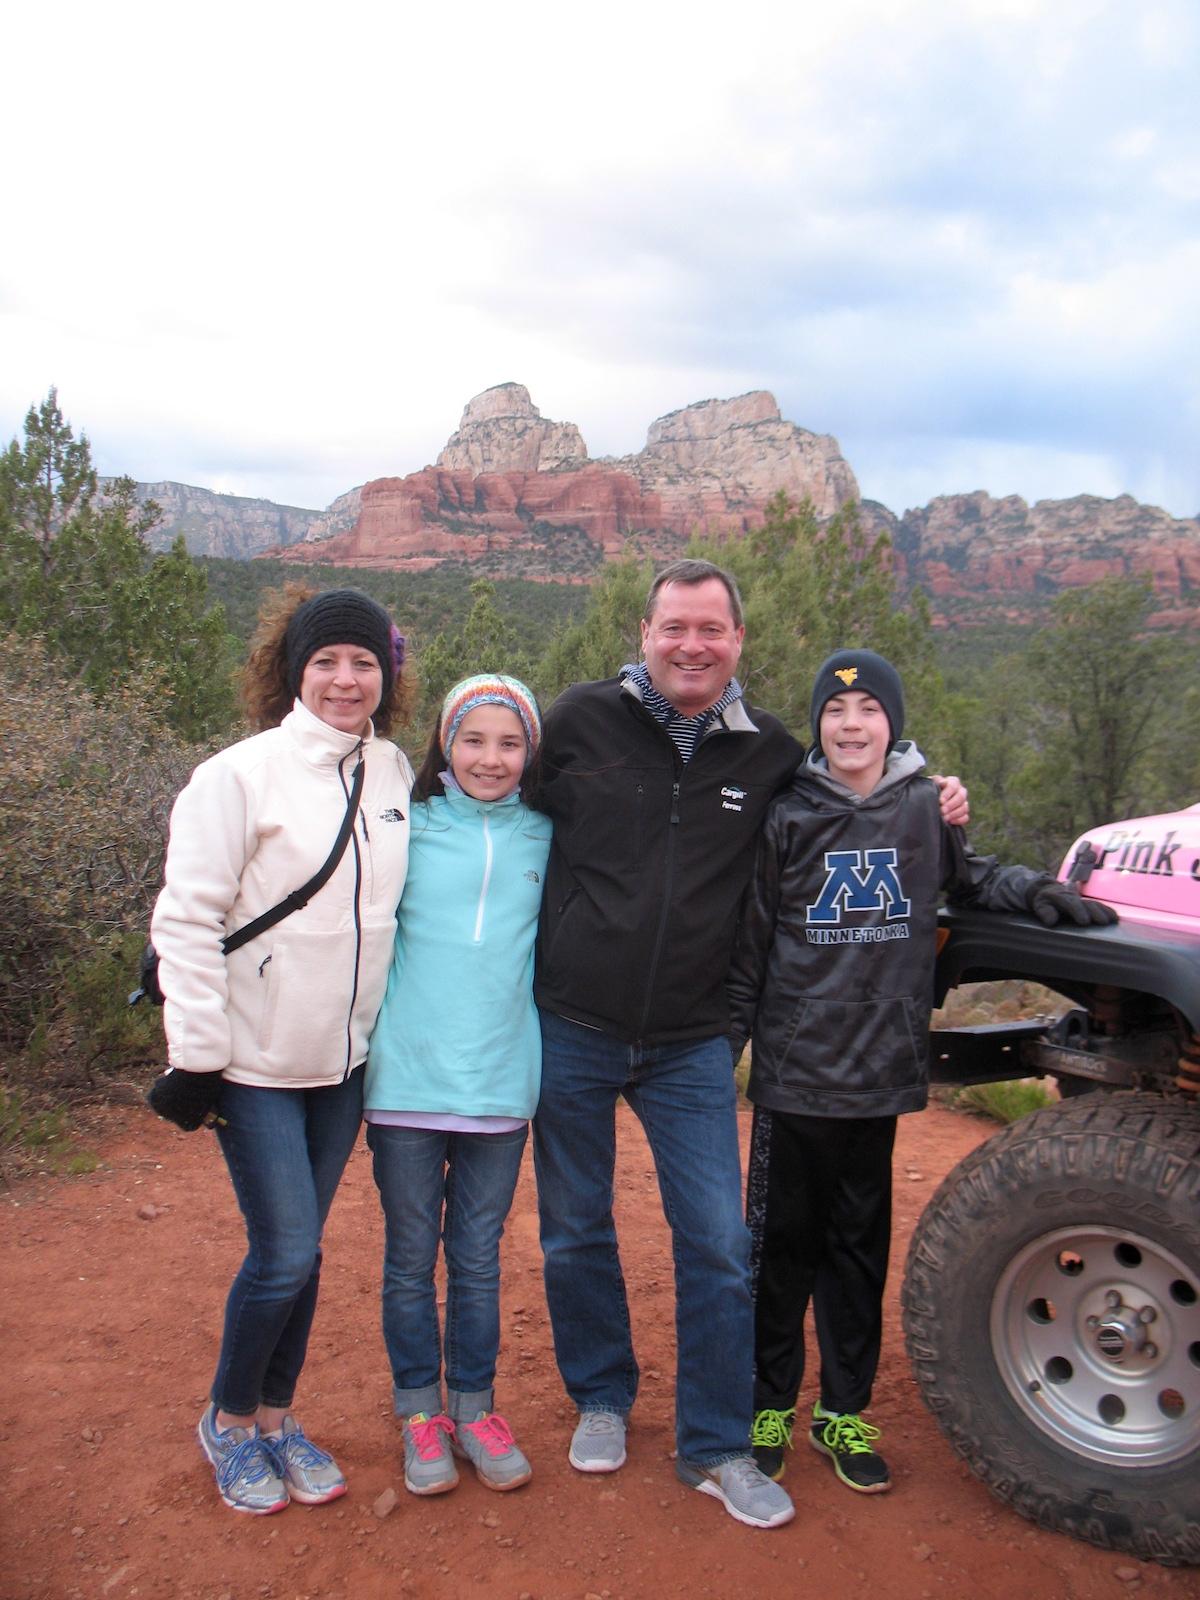 Sharon Huso - The Huso family in Sedona, Arizona